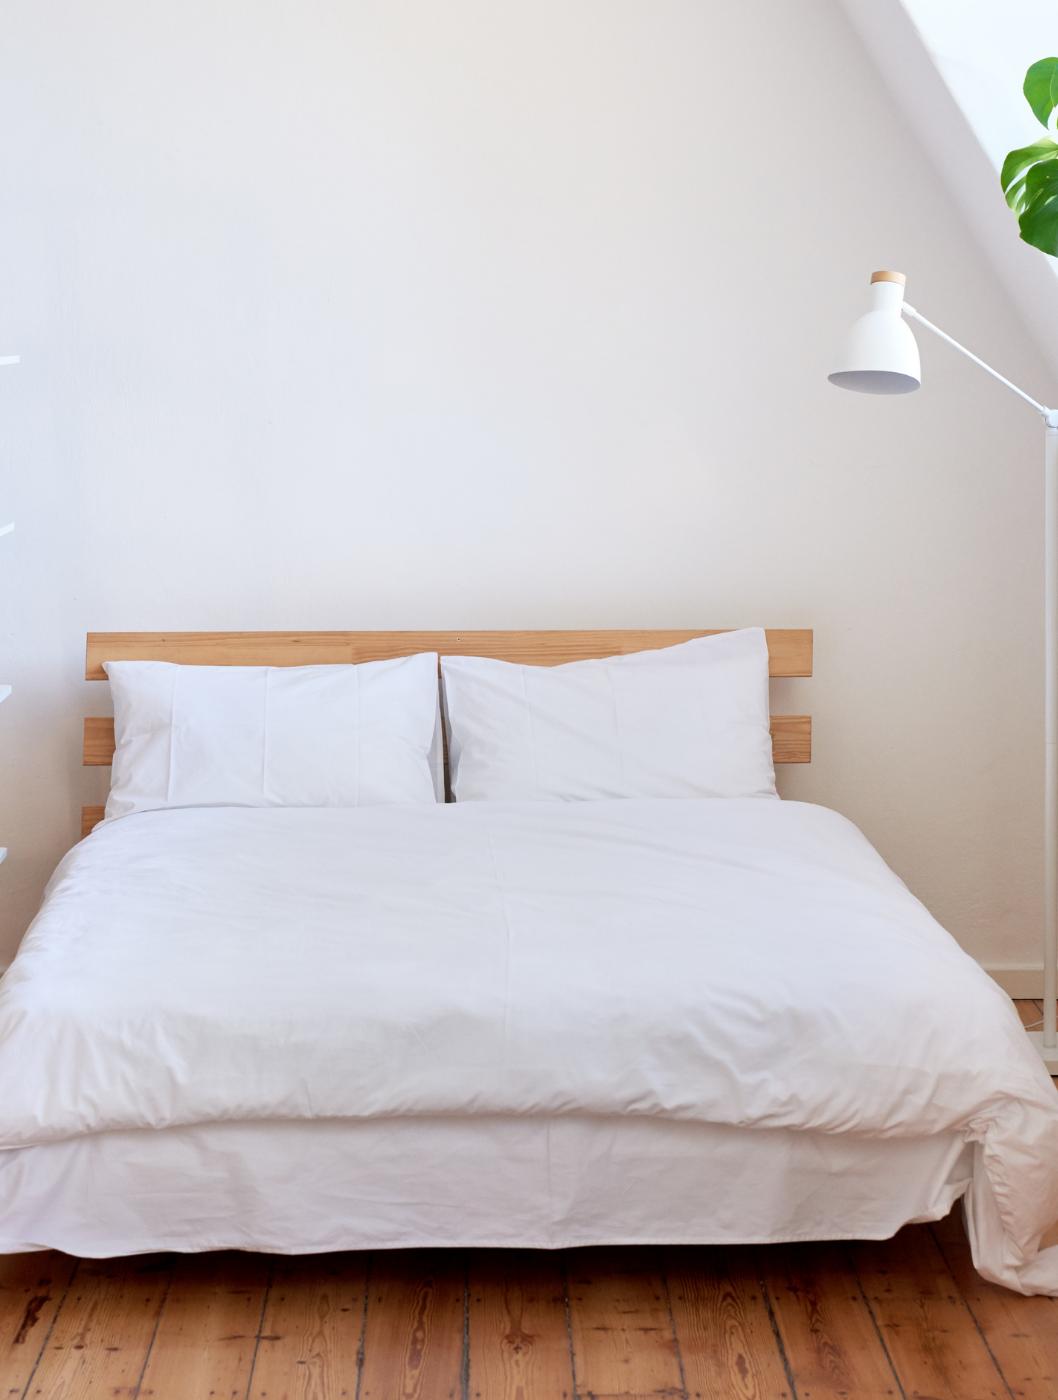 TikTok-trend: Lav din egen seng ud af IKEA-reoler